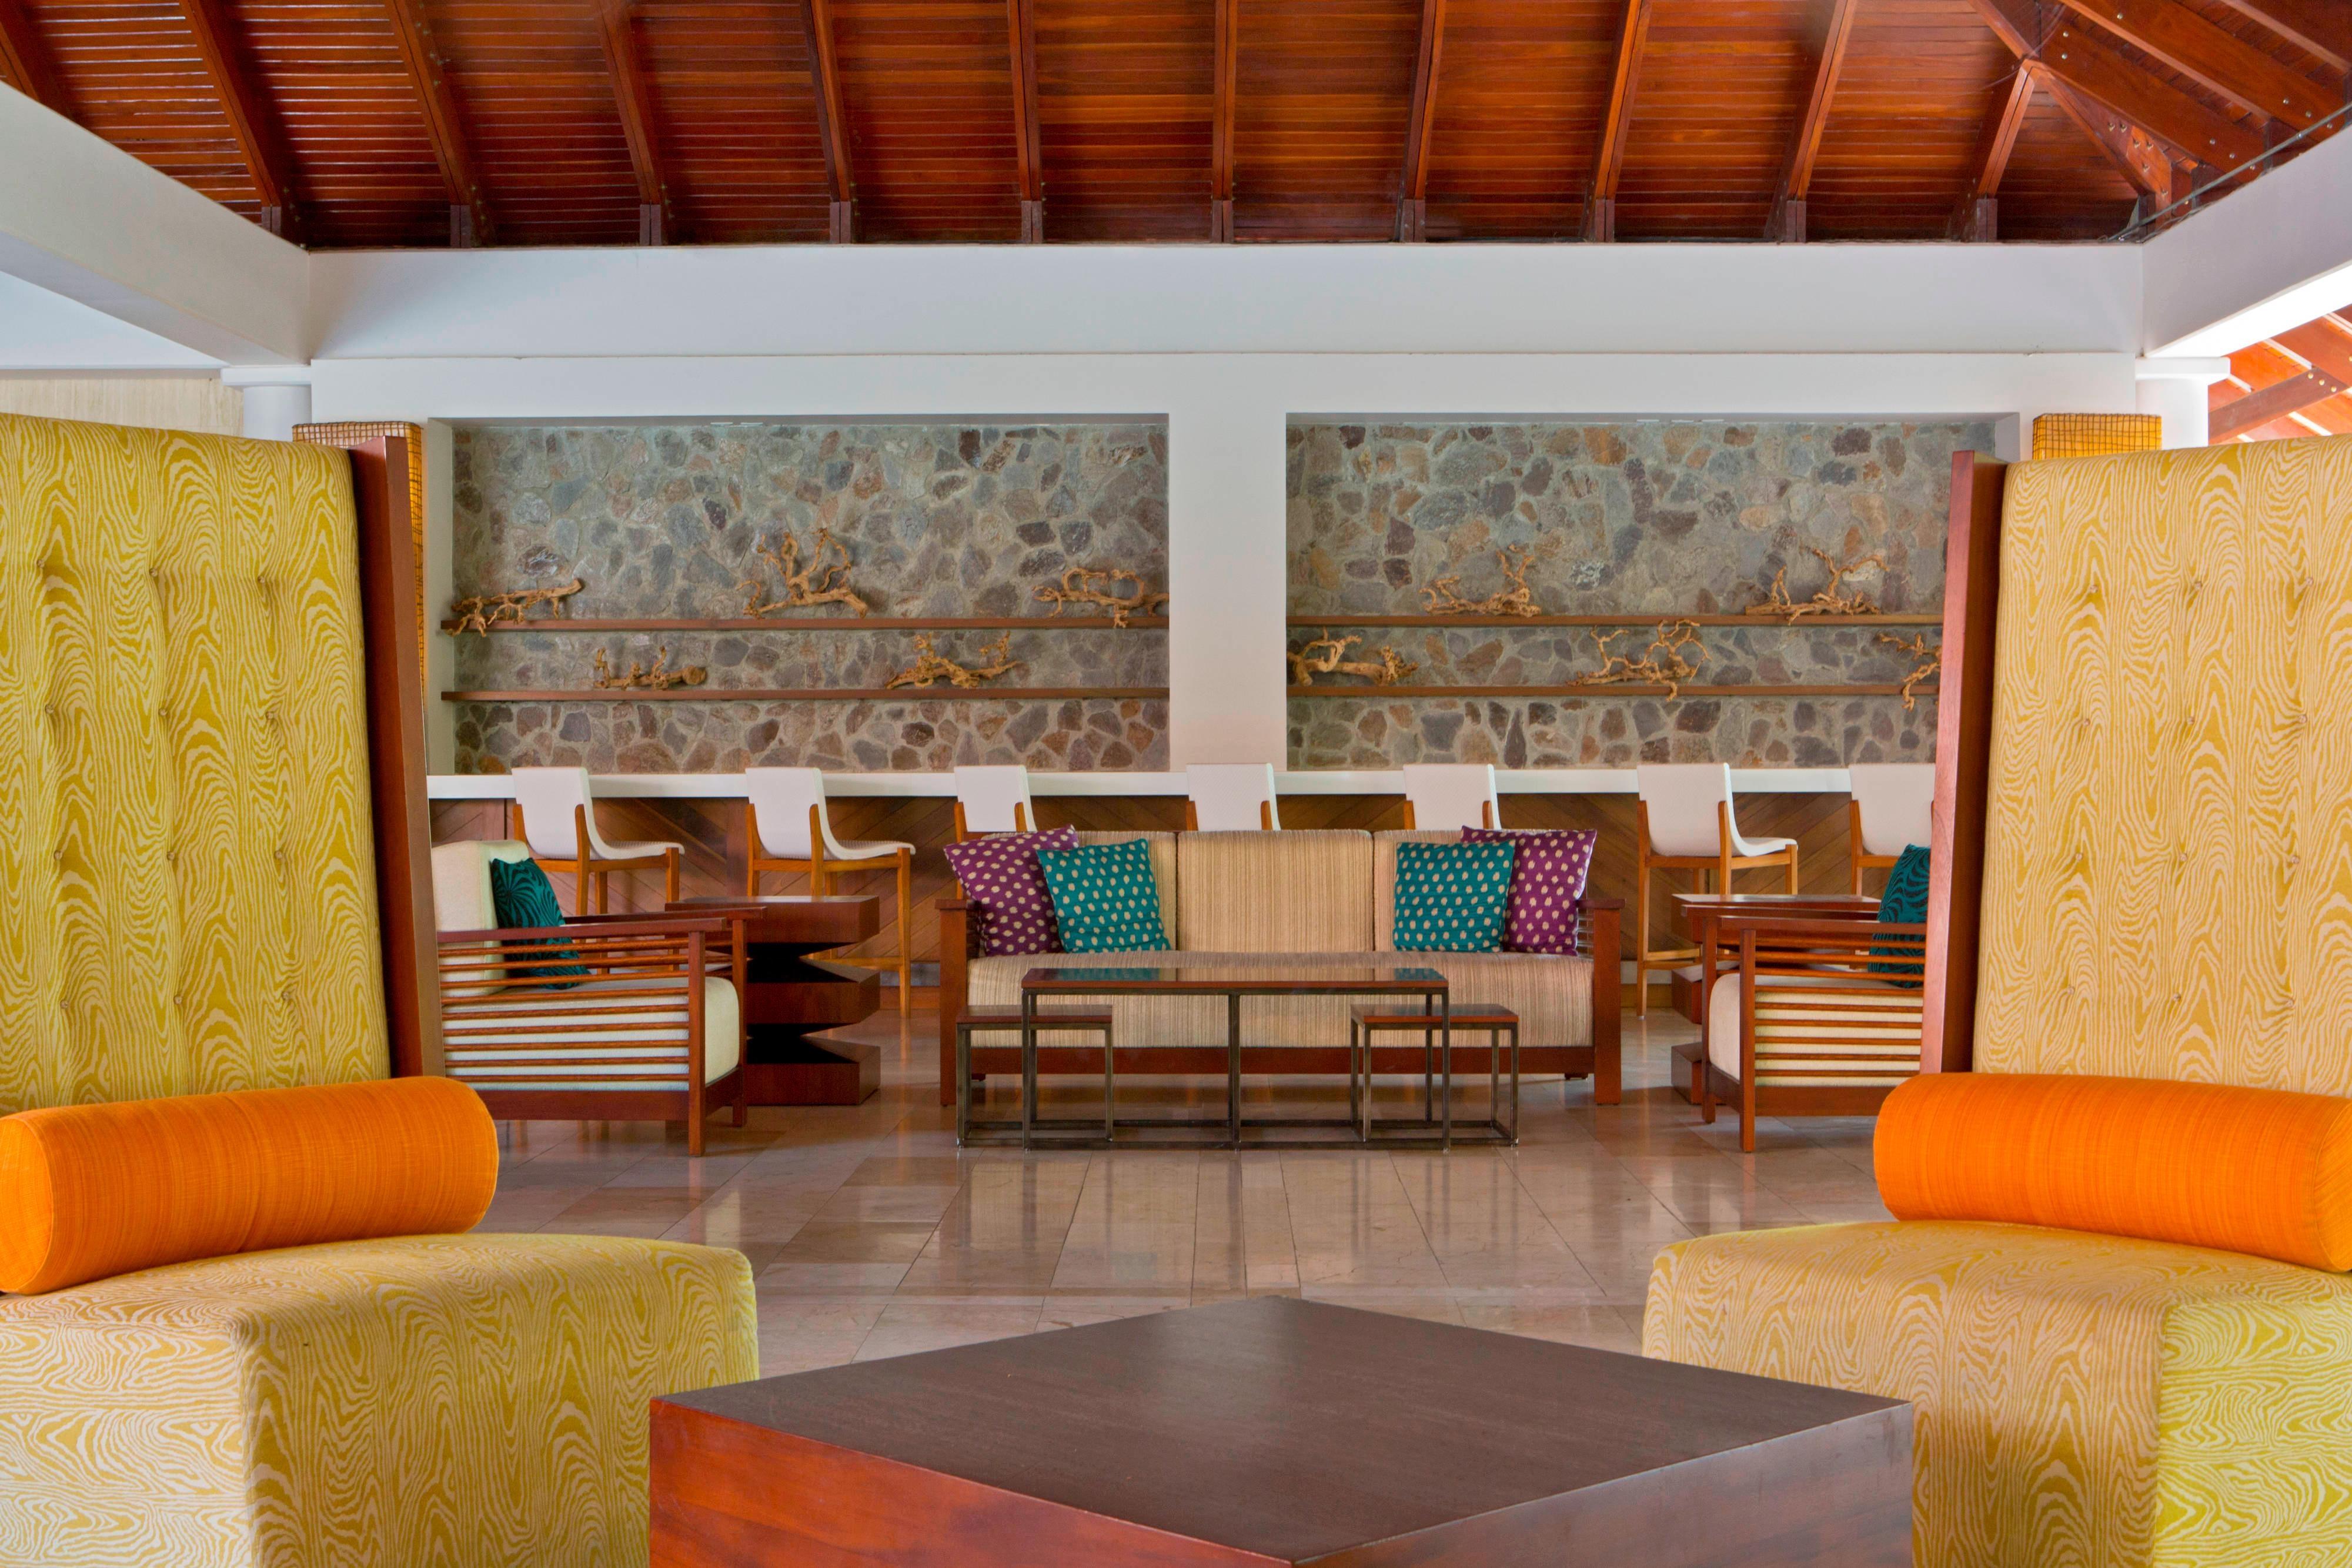 Teatro Astrea Bar y Lounge